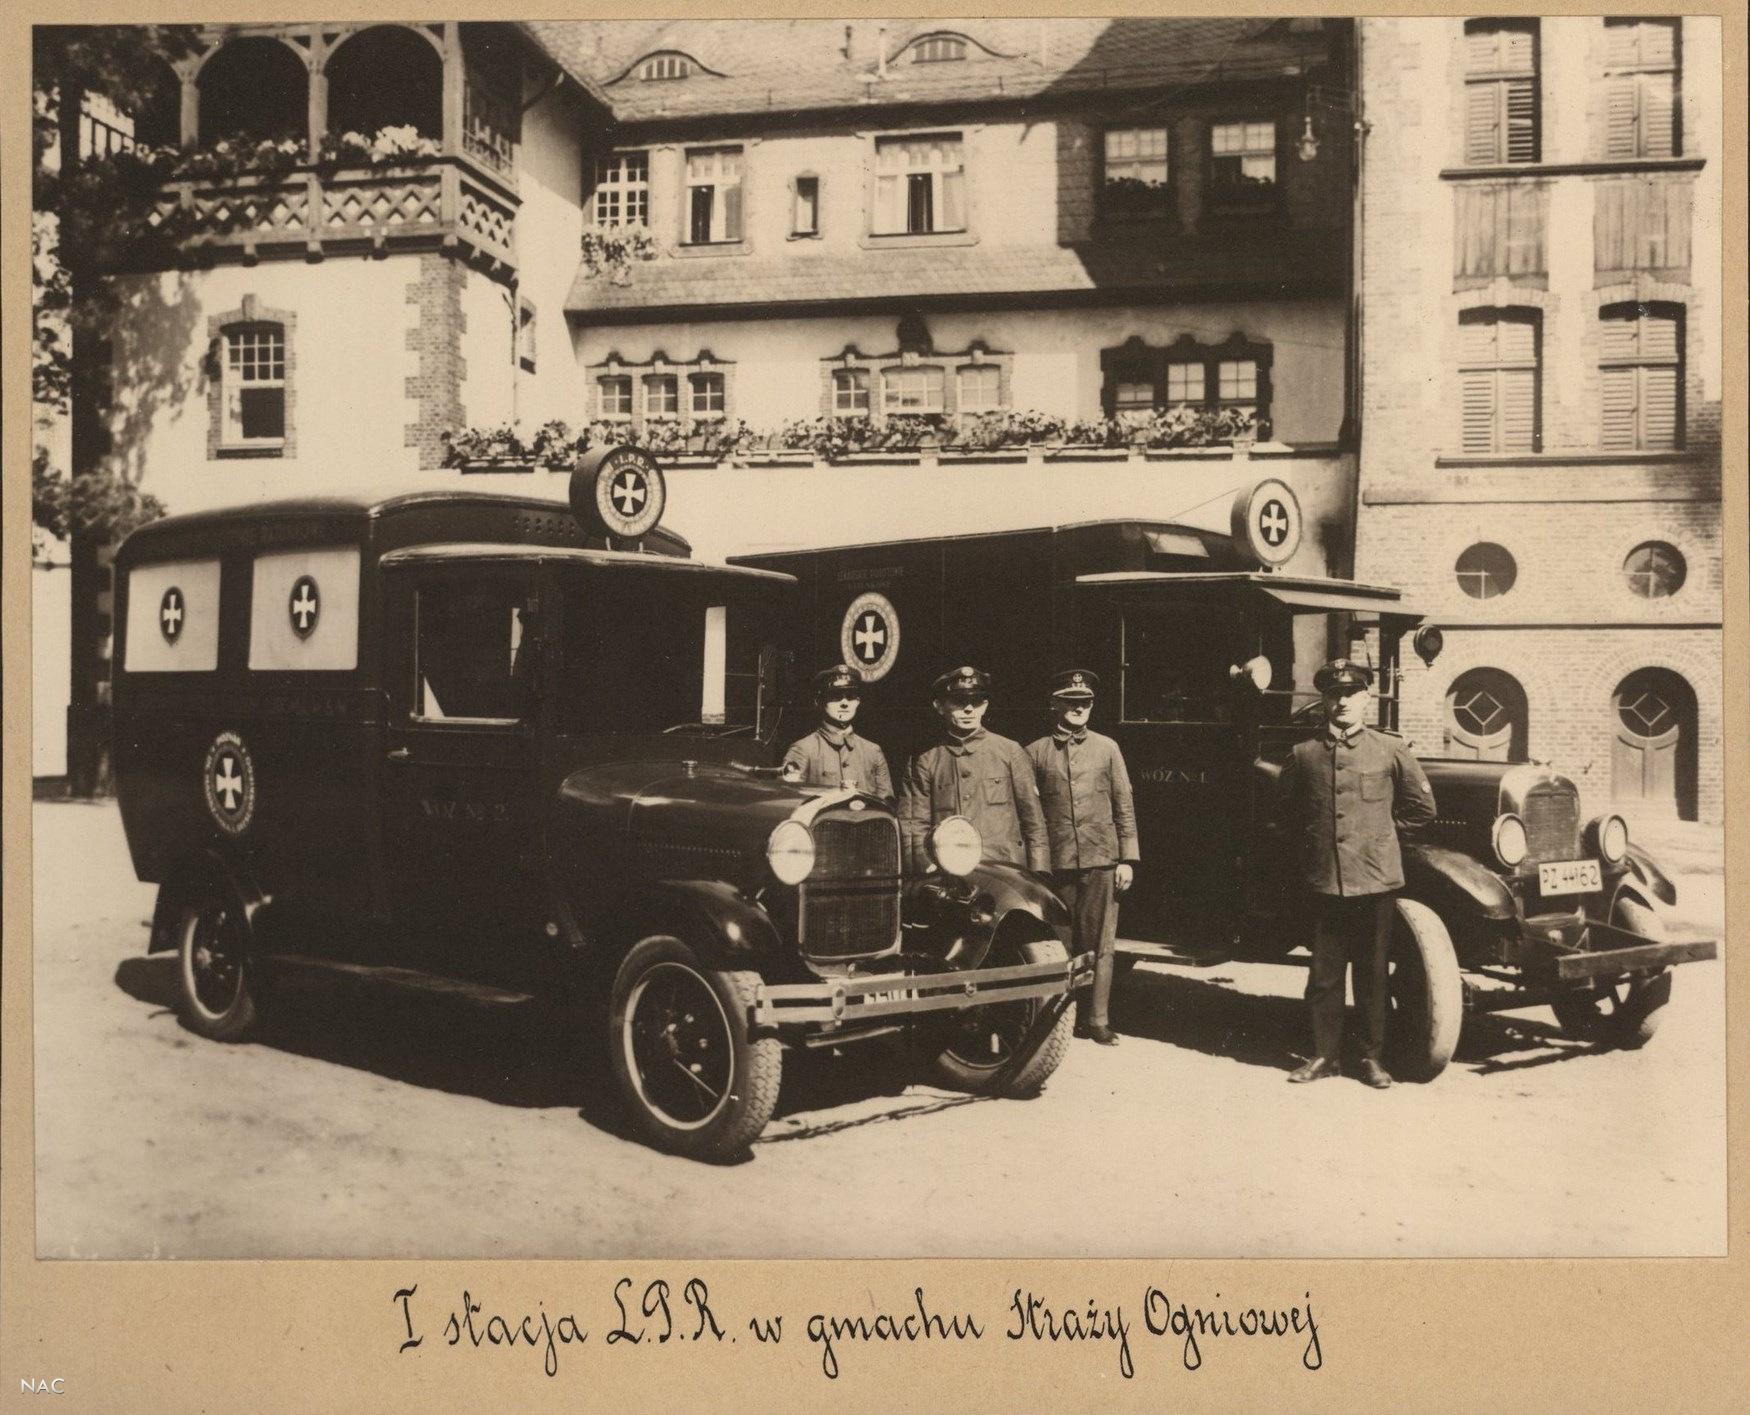 Jednosta Ratowniczo-Gasnicza_Panstwowej_Strazy_Pozarnej 1928  r. - ul. Grunwaldzka  Foto: Archiwum Akt Nowych / fotopolska